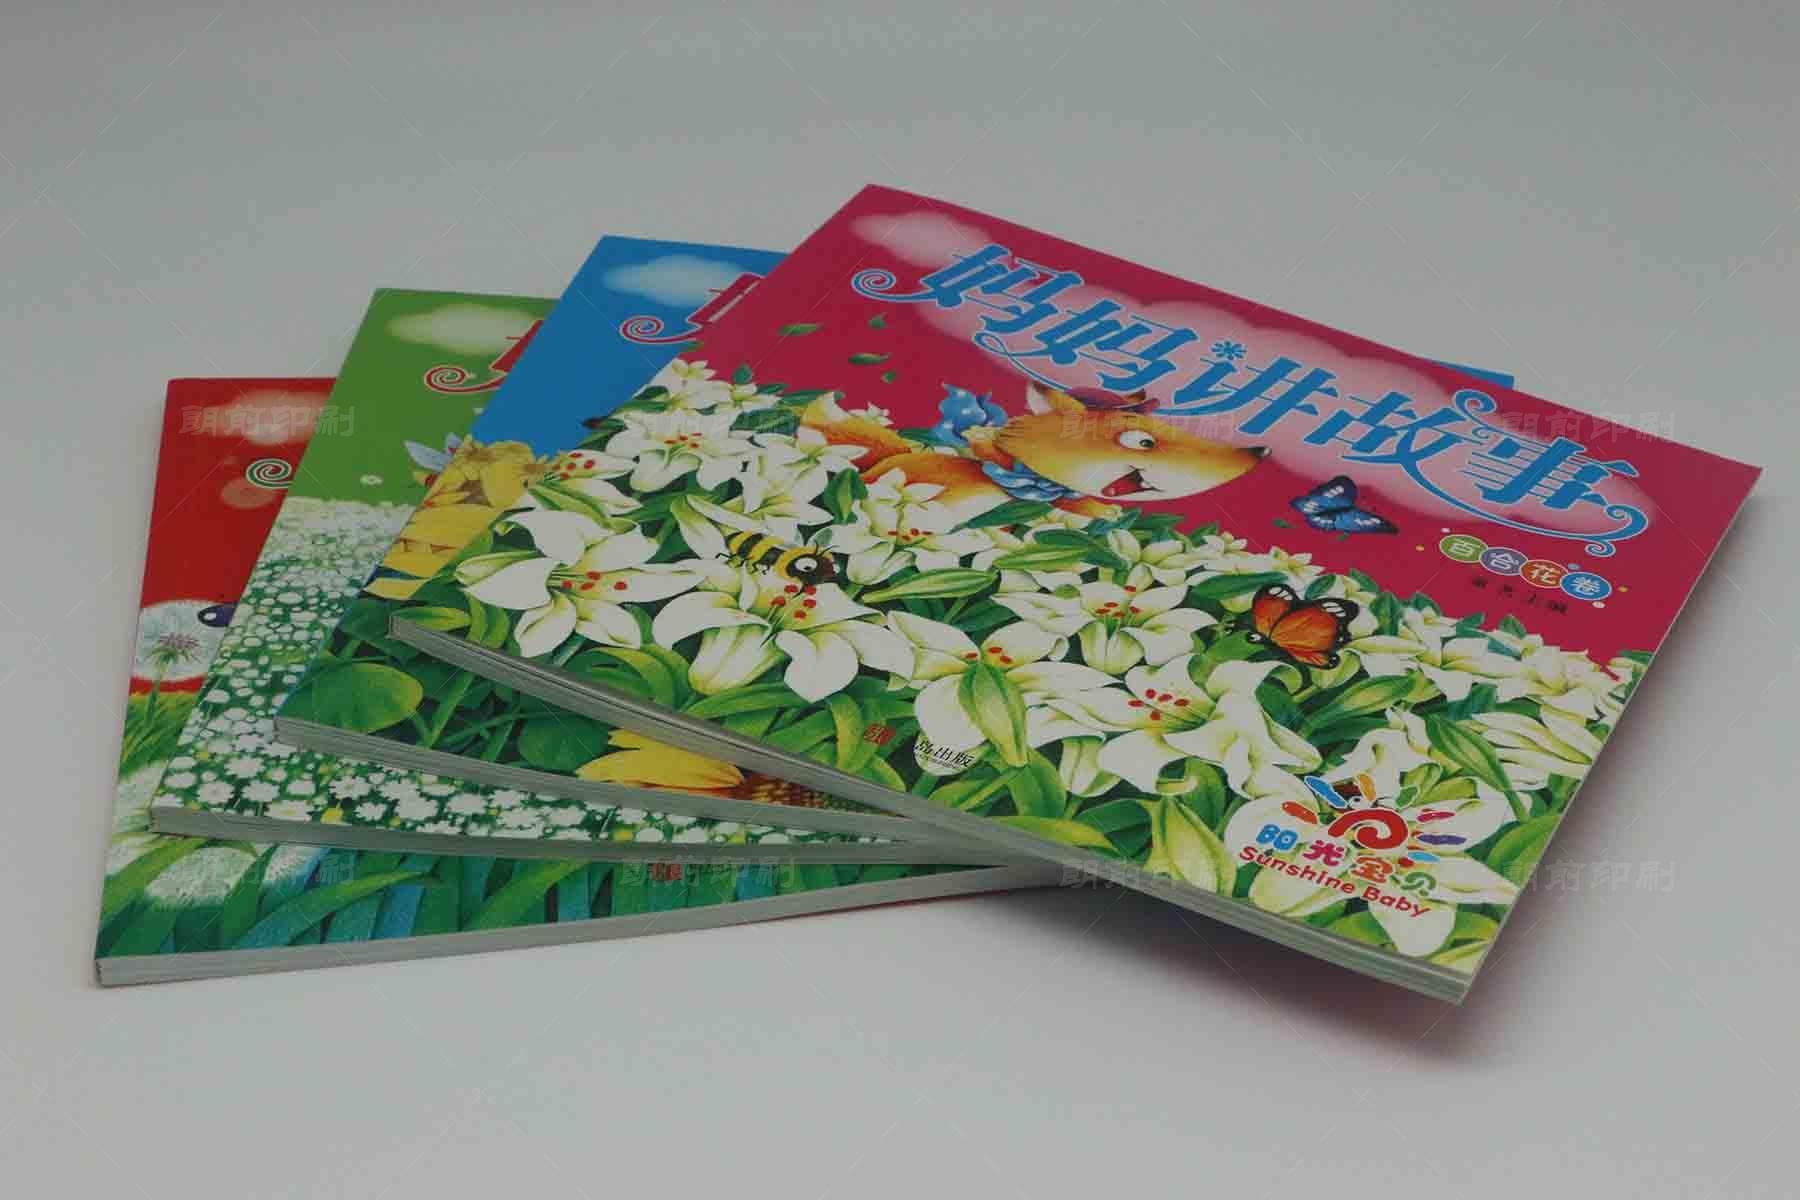 广州包装设计公司画册印刷 广州画册印刷一本多少钱